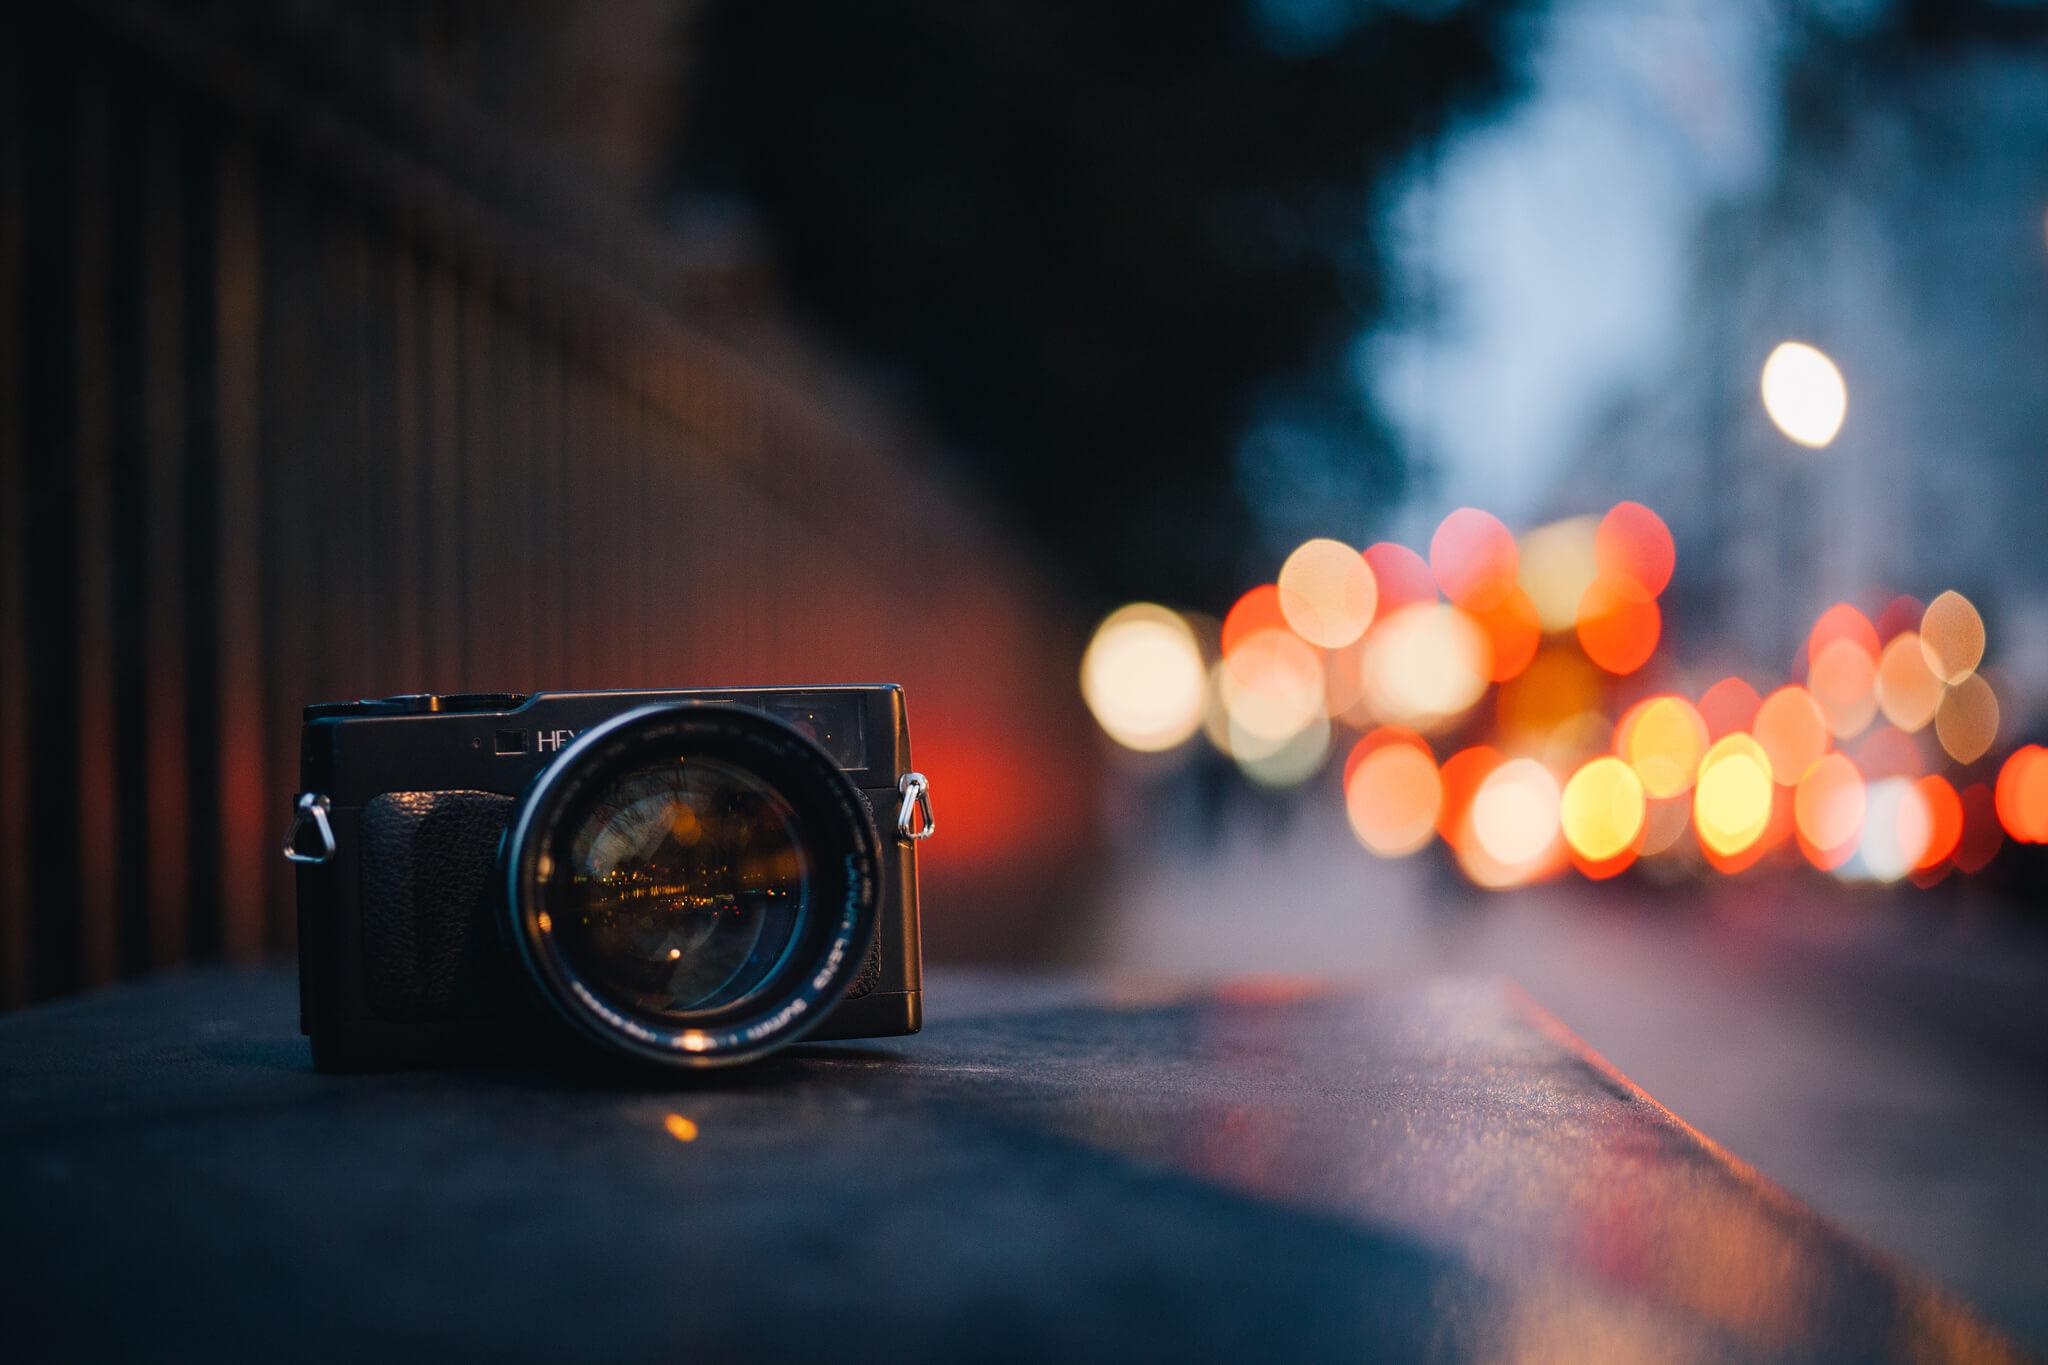 """Красивые картинки и обои """"Камера"""" - подборка изображений 8"""